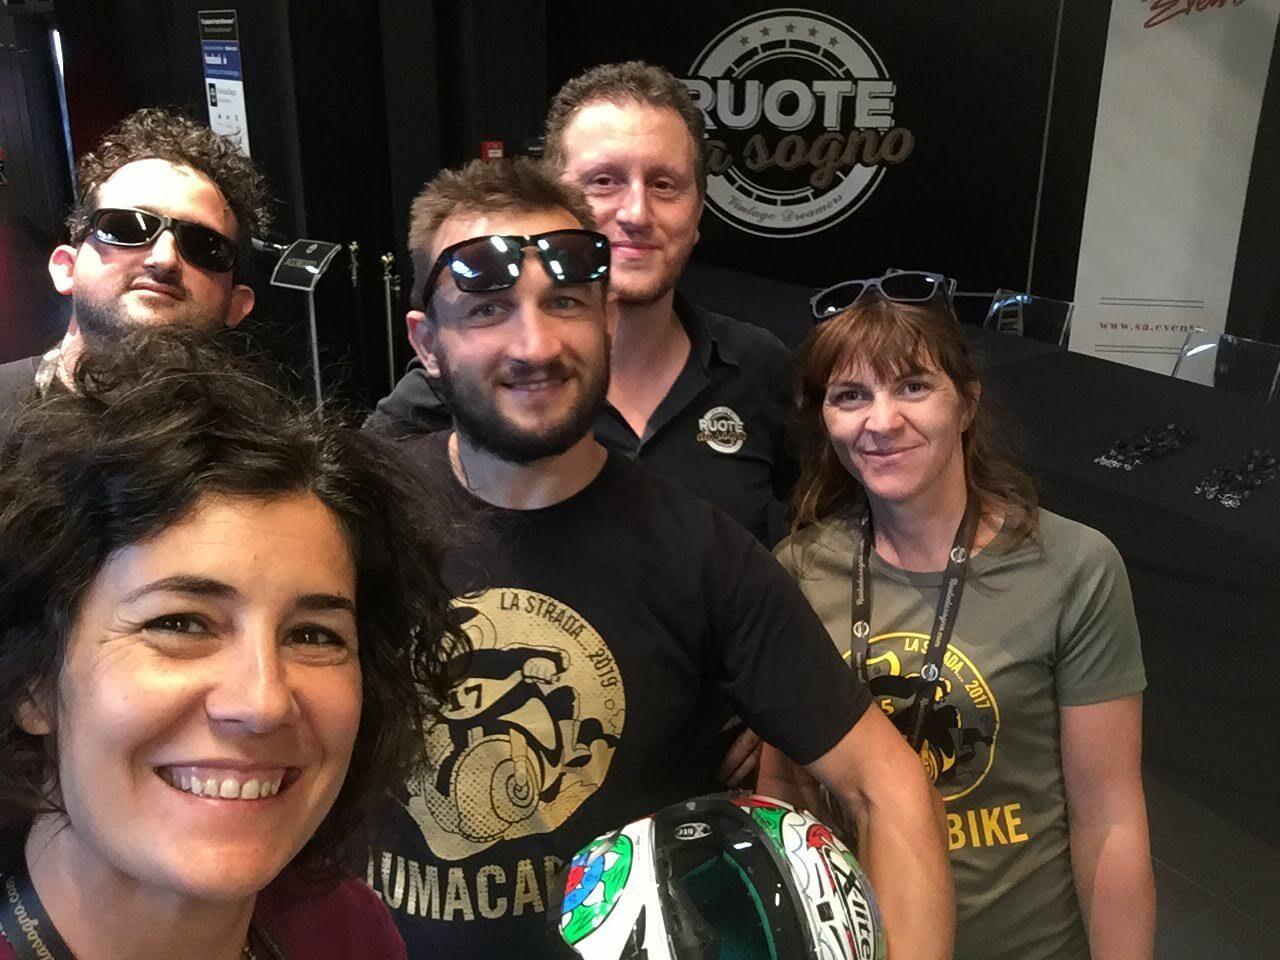 italiainpiega-visita ruote da sogno 2019- noi